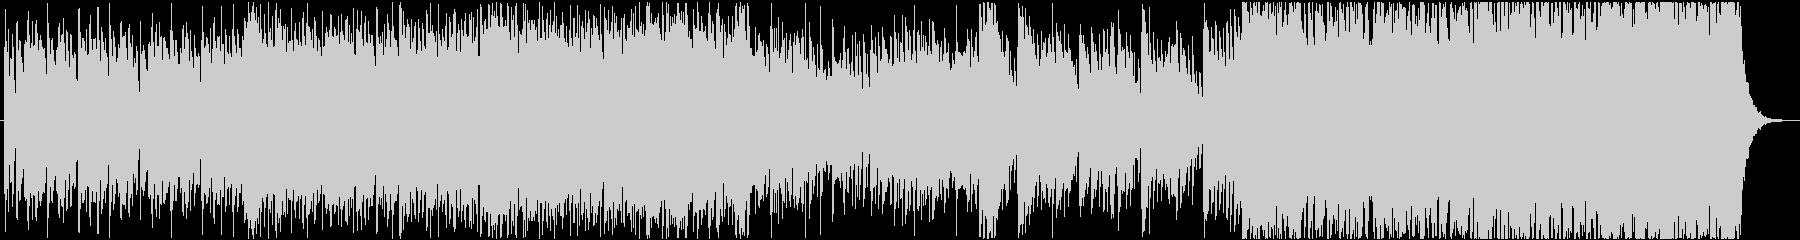 中華楽器メインの激しいBGMの未再生の波形